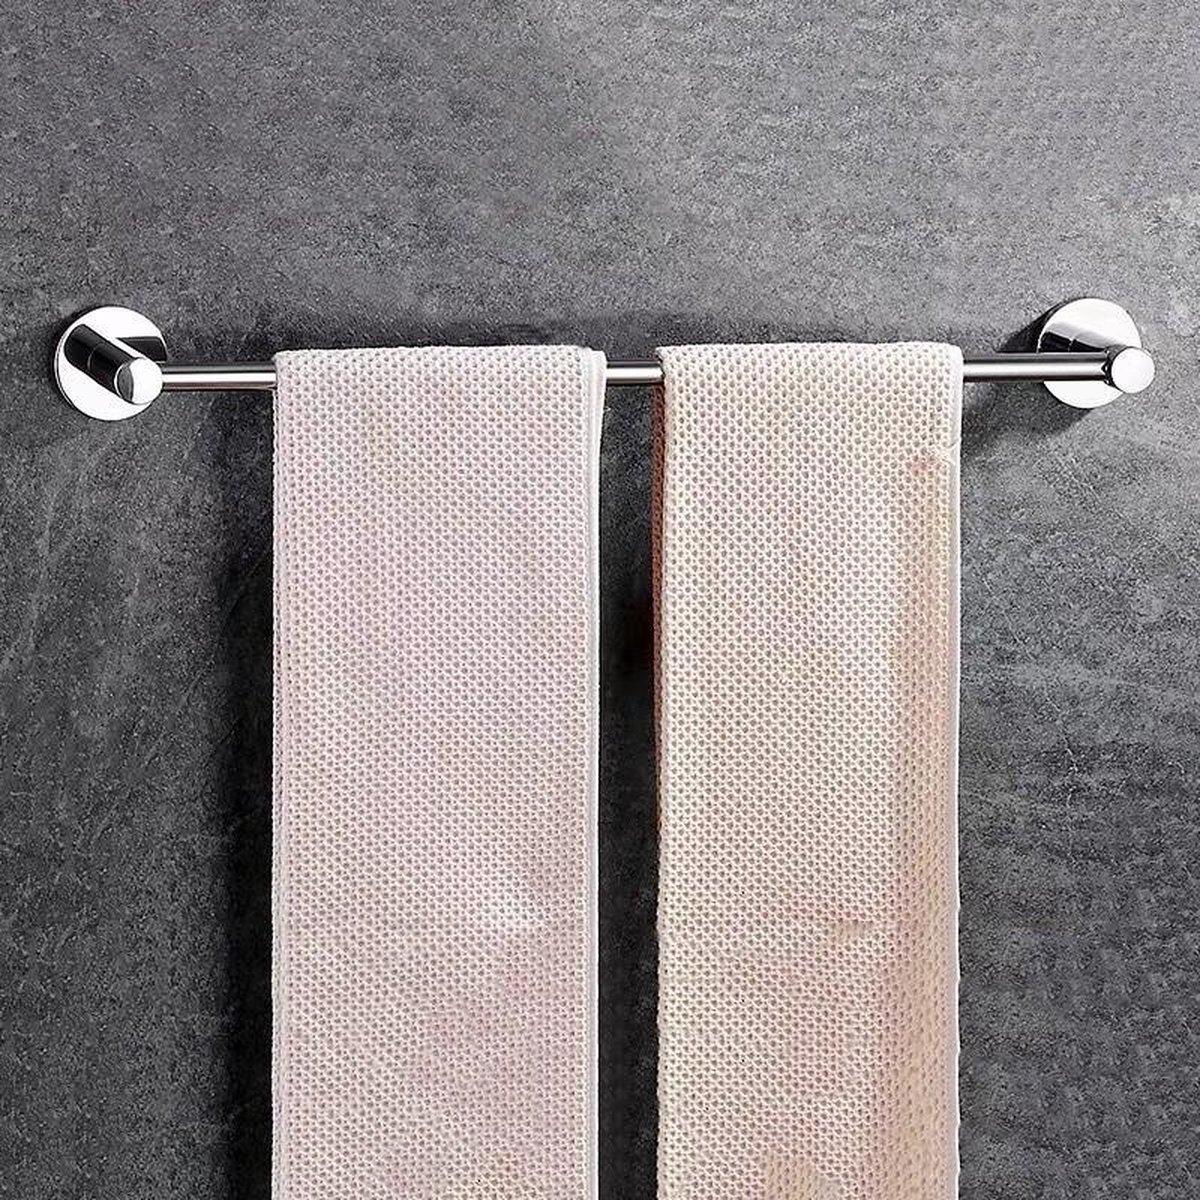 Handdoekrek Zwart Badkamer Handdoekhouder Handdoekstang Handdoek Rek - Badkamer Accessoires - 52cm - GENSTO